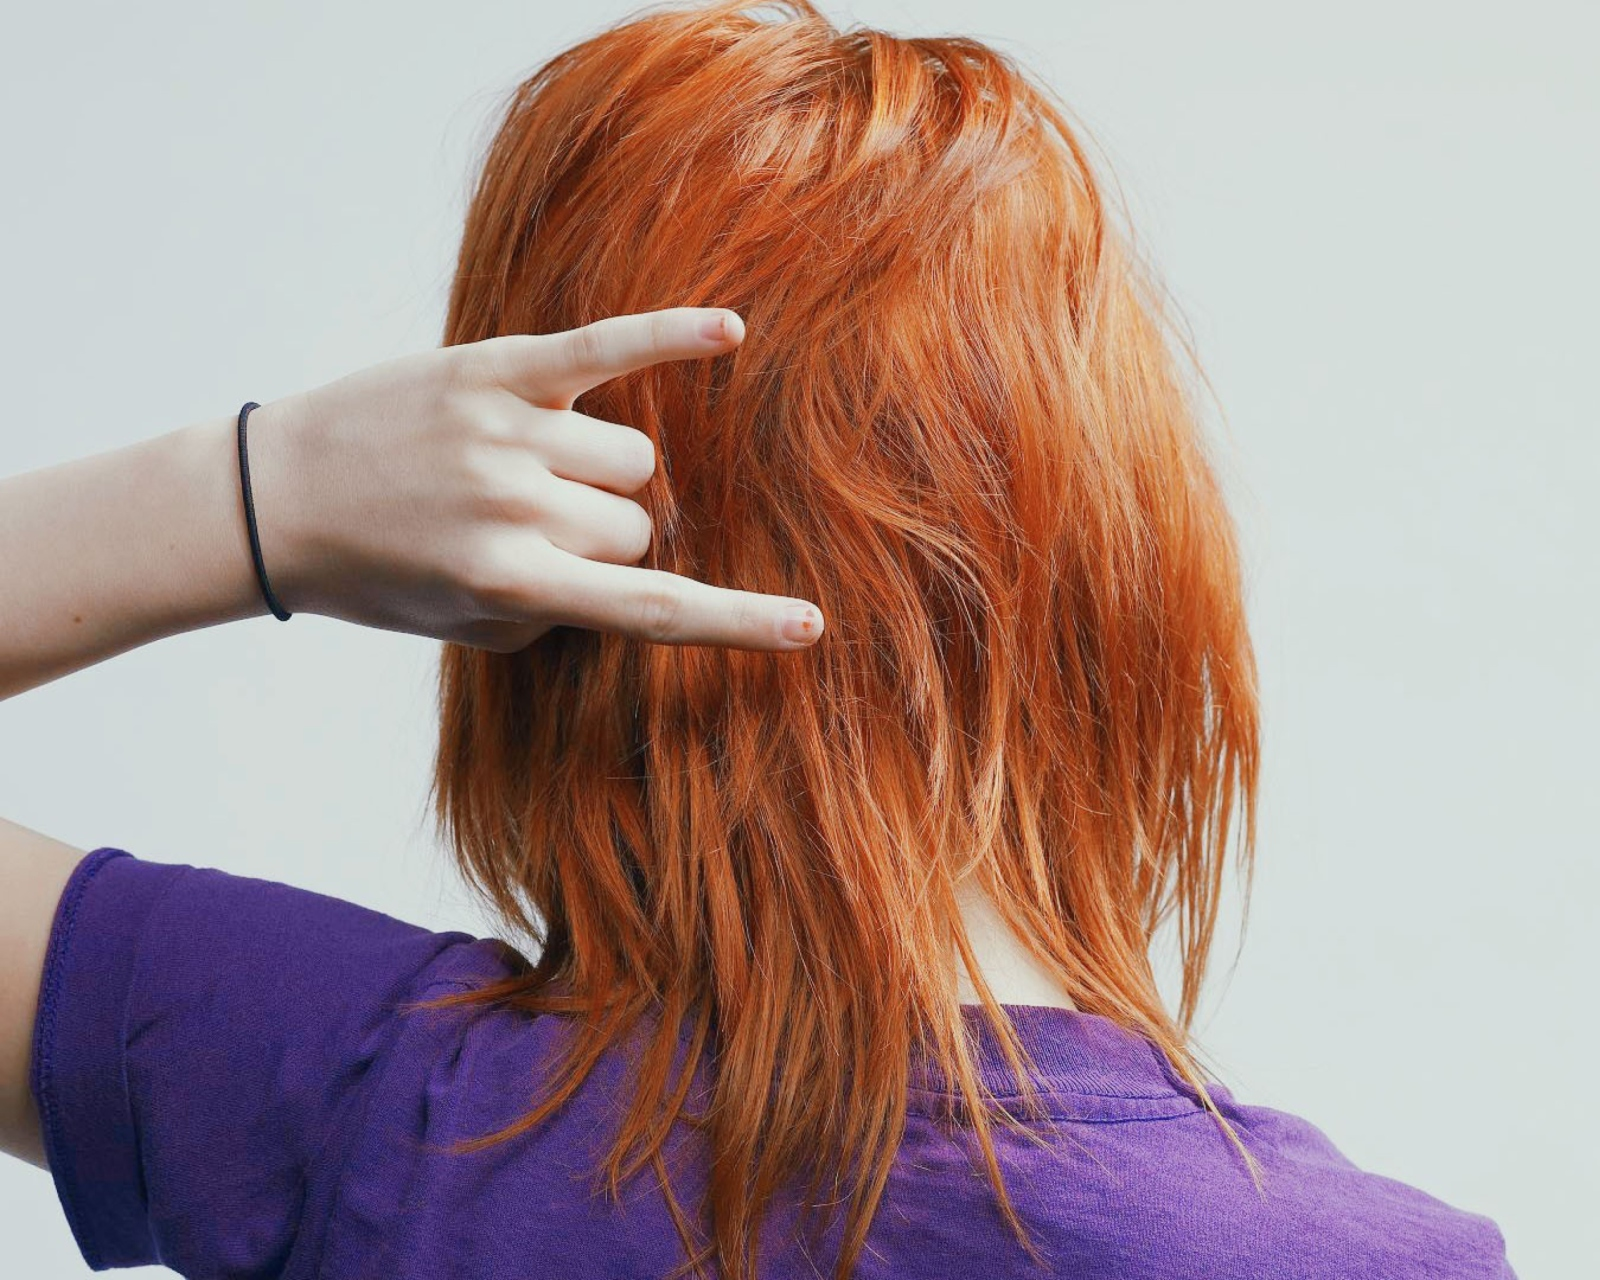 Фотографии девушек с рыжими волосами со спины, Рыжие девушки со спины (36 фото) 11 фотография